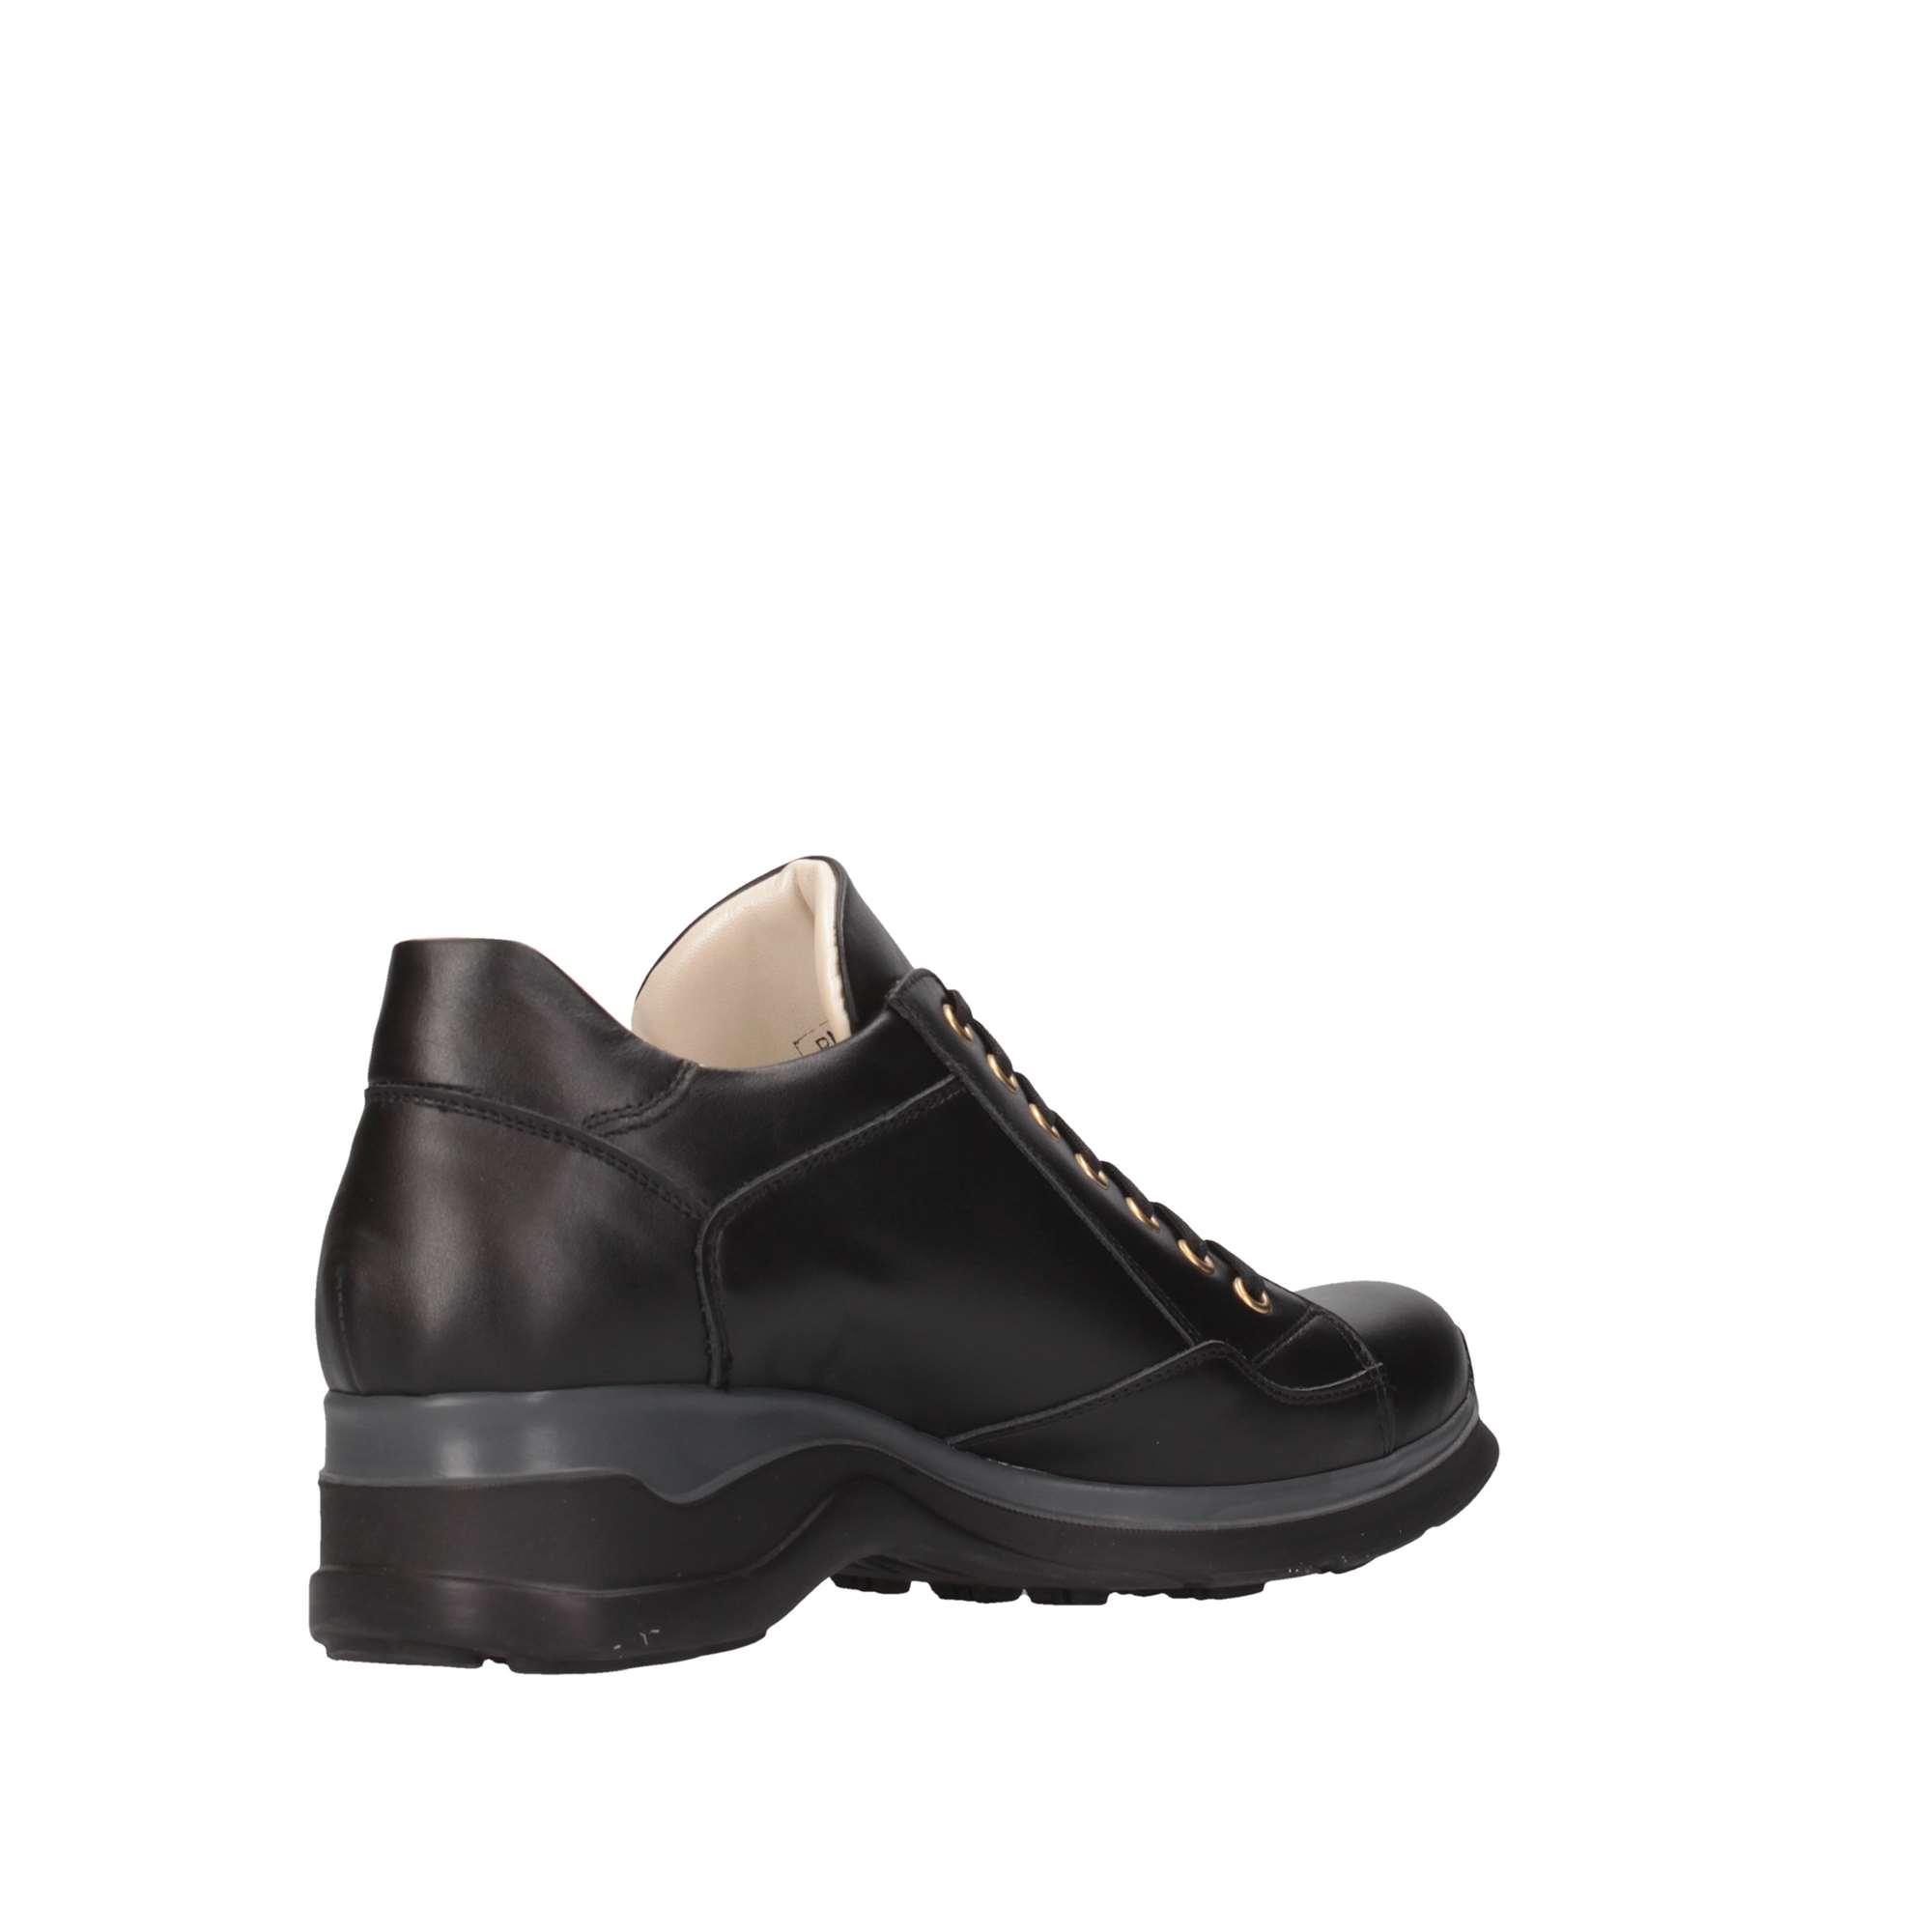 Printemps Pm84 P Paciotti t Femme By Cesare Black Sneakers pour IT484xS